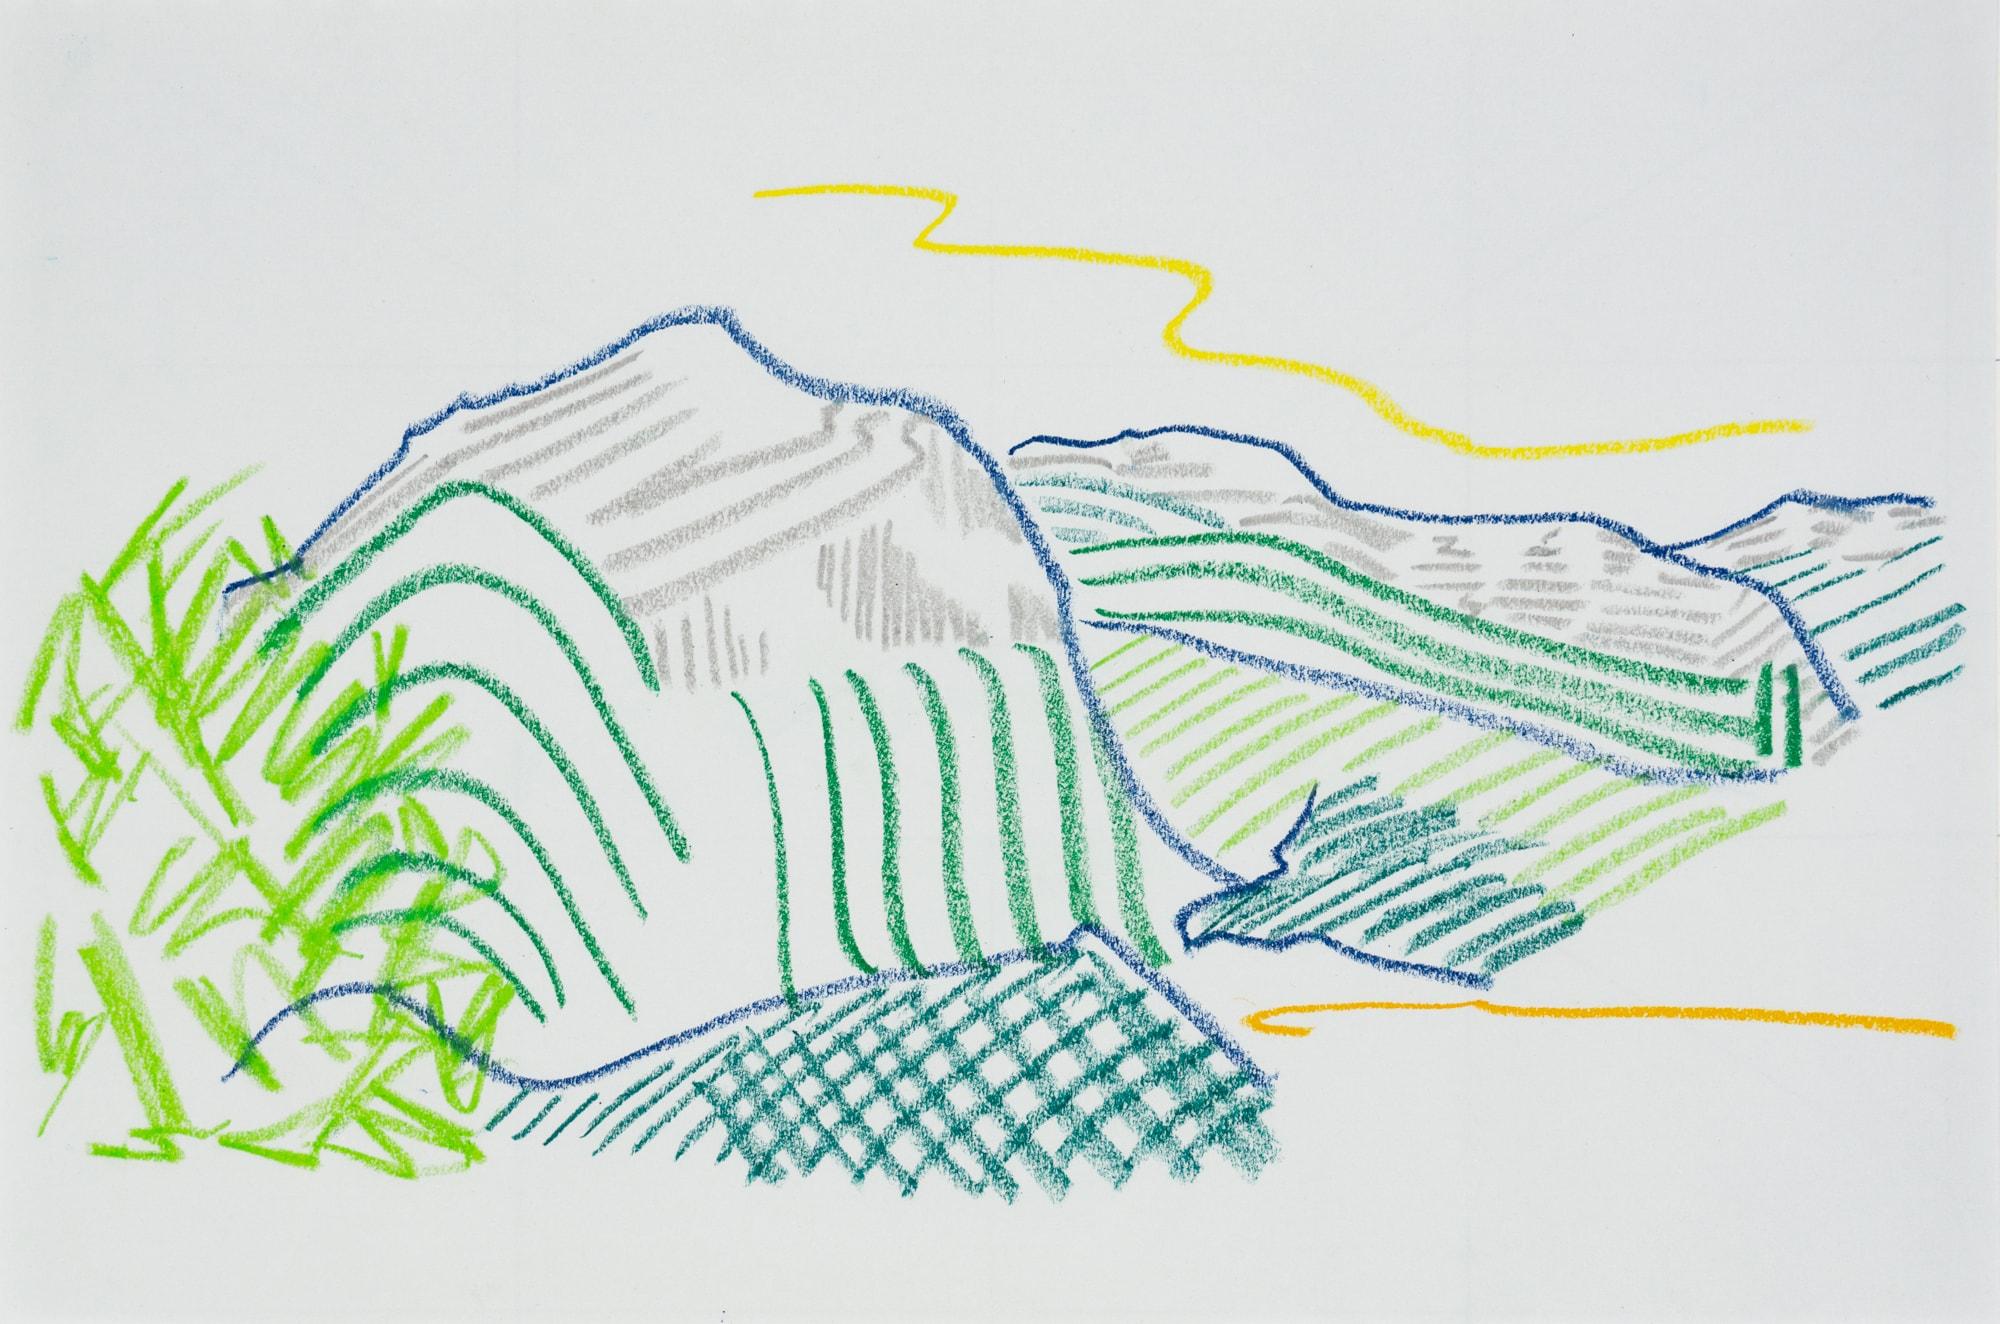 Zeichnung, Farbstift und Ölkreide auf Papier, 42x29,2cm, Landschaft, Künstlerin: Franziska King